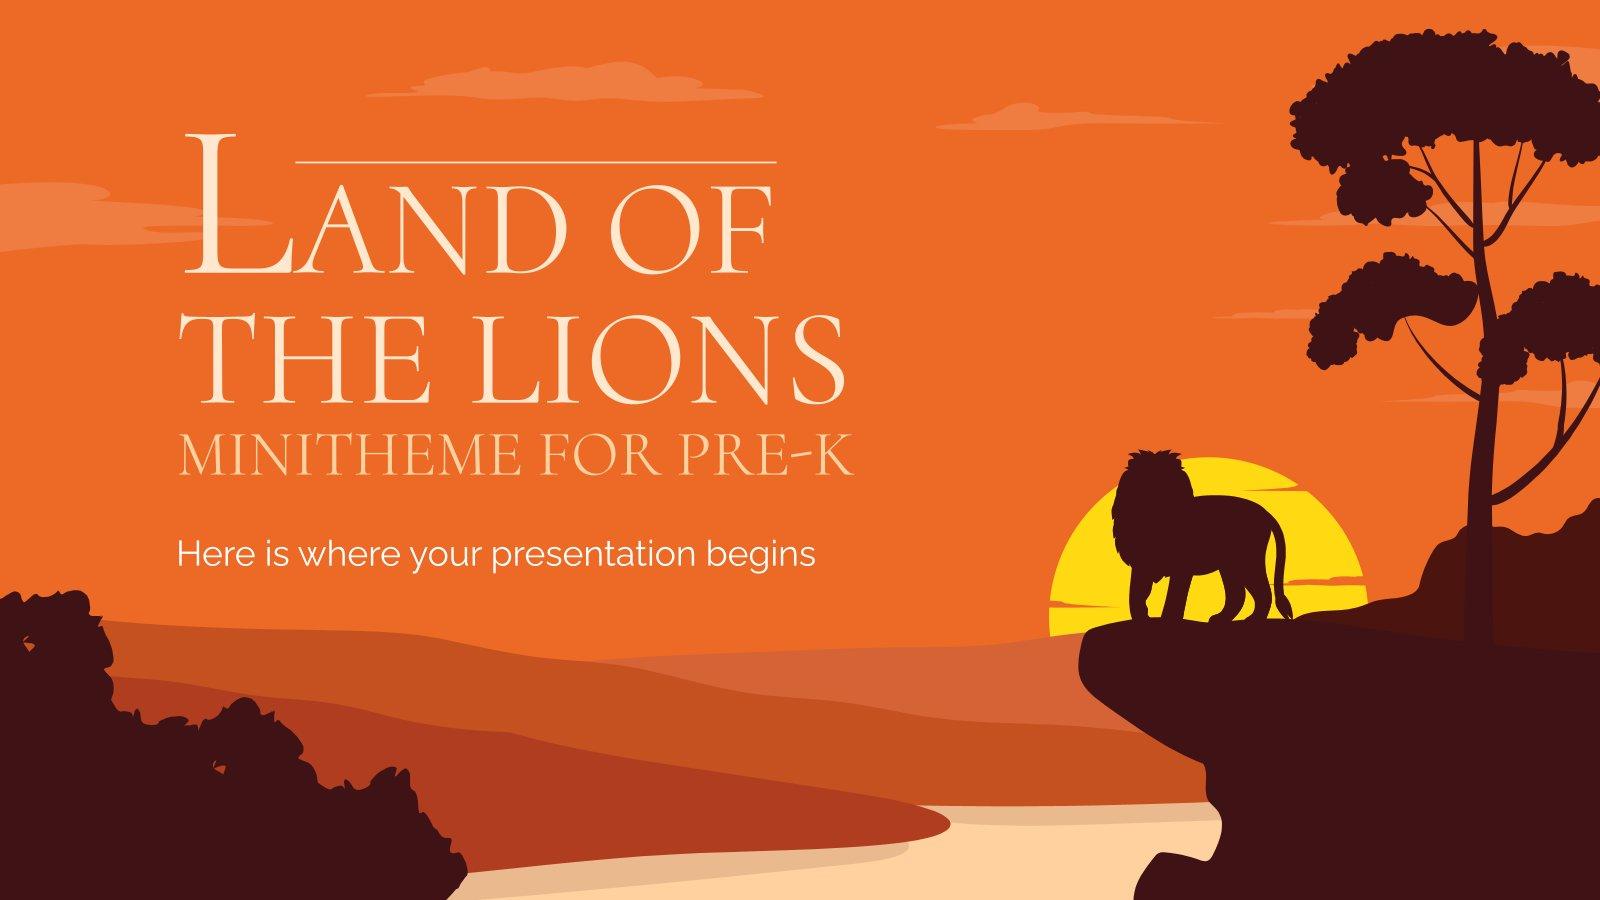 Modelo de apresentação Minitema da Terra dos Leões para pré-escola